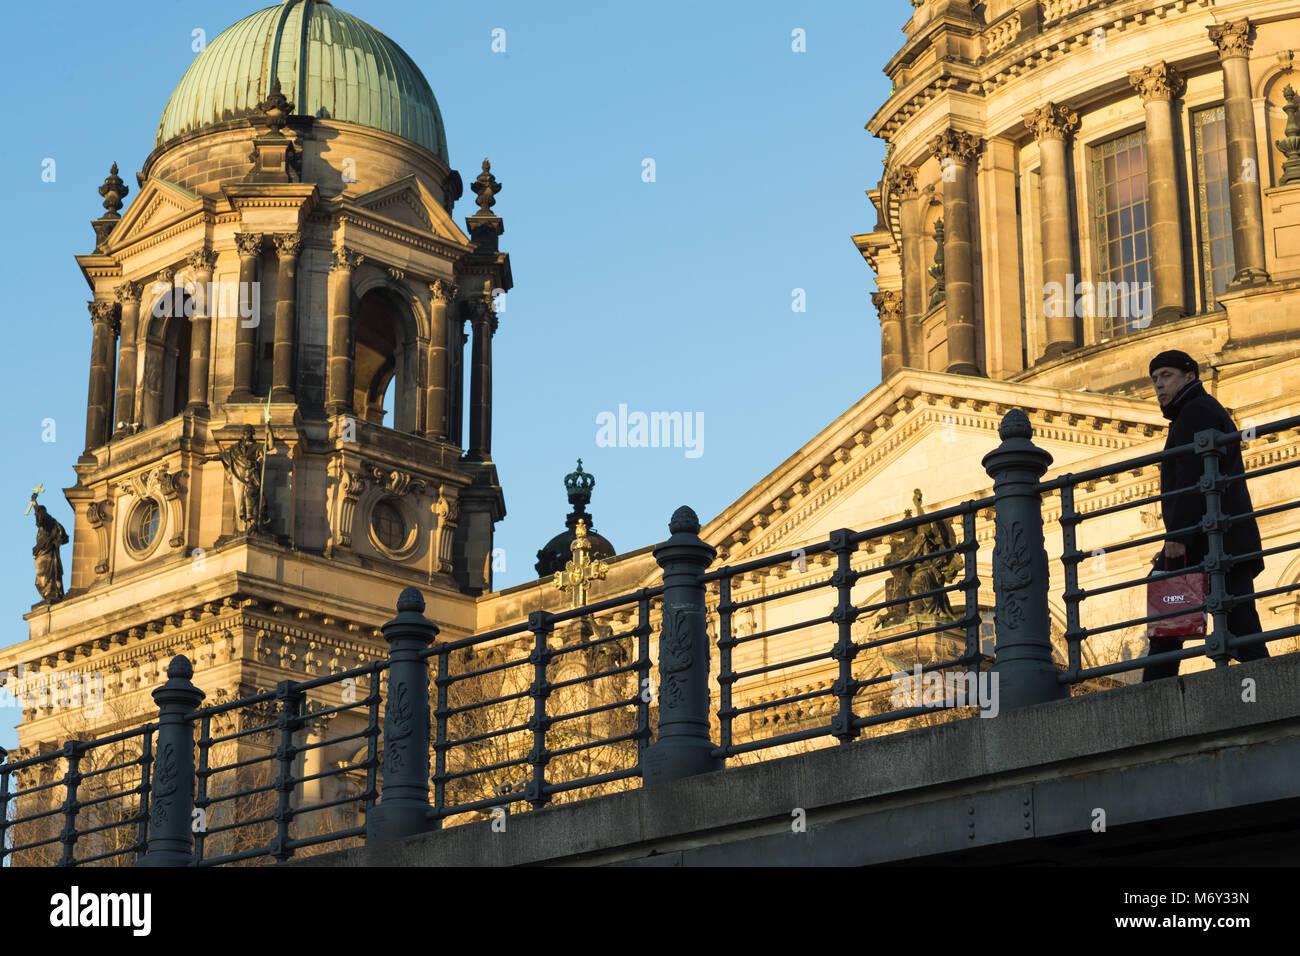 Der Berliner Dom, am Lustgarten, Mitte, Berlin, Deutschland Stockbild